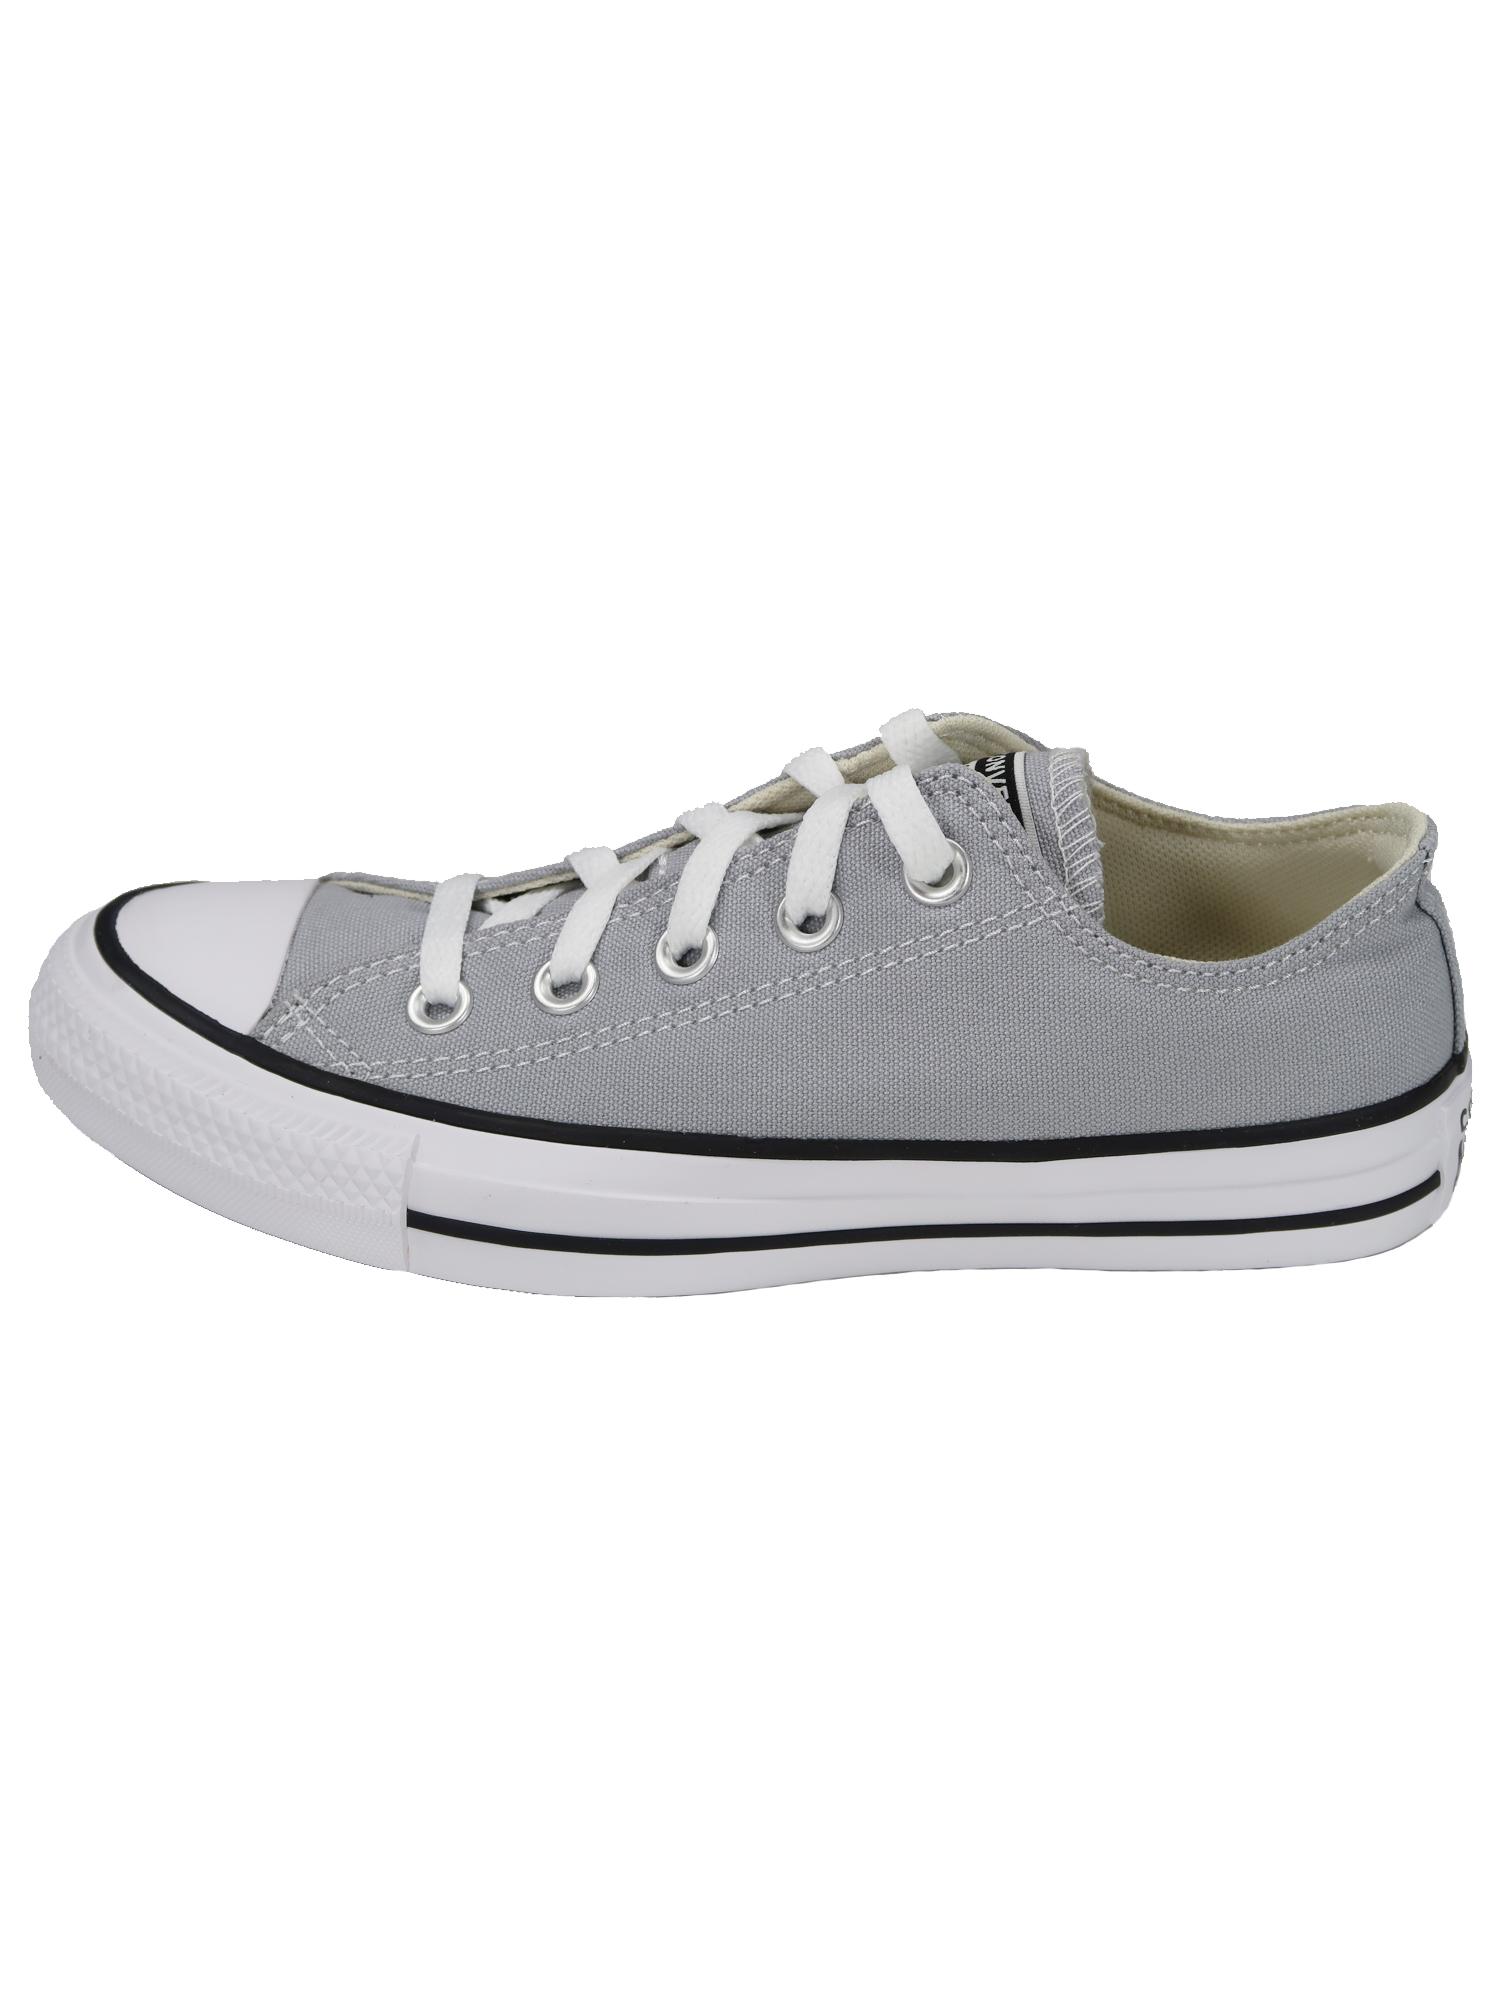 Converse Damen Schuhe CTAS Ox Hellgrau Leinen Sneakers Größe 39.5 EU